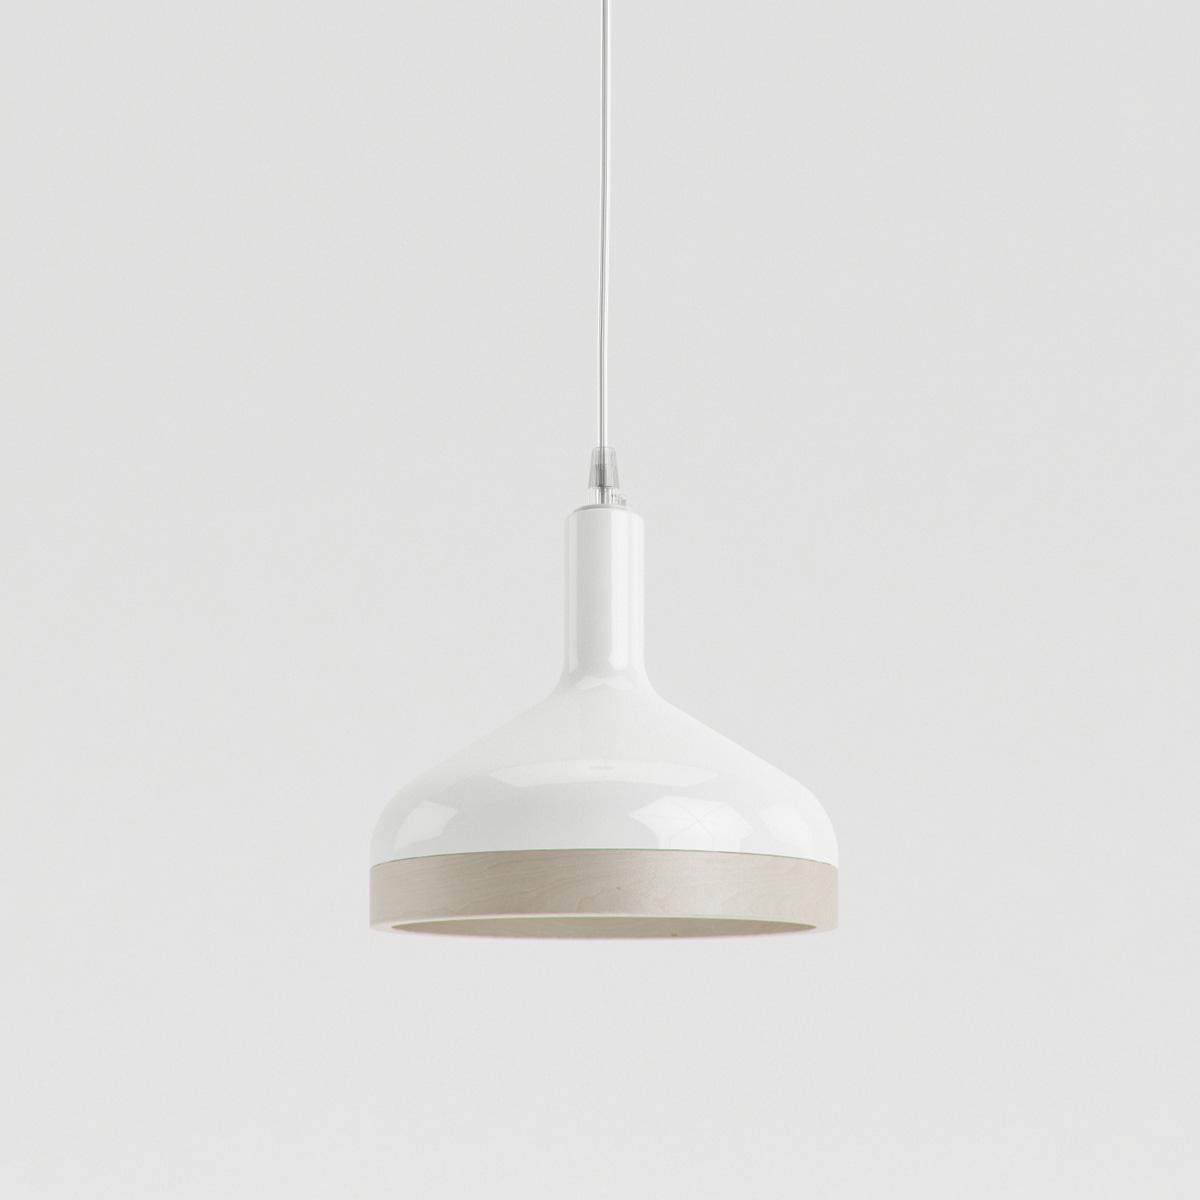 Светильники в стиле минимализм Enrico Zanola